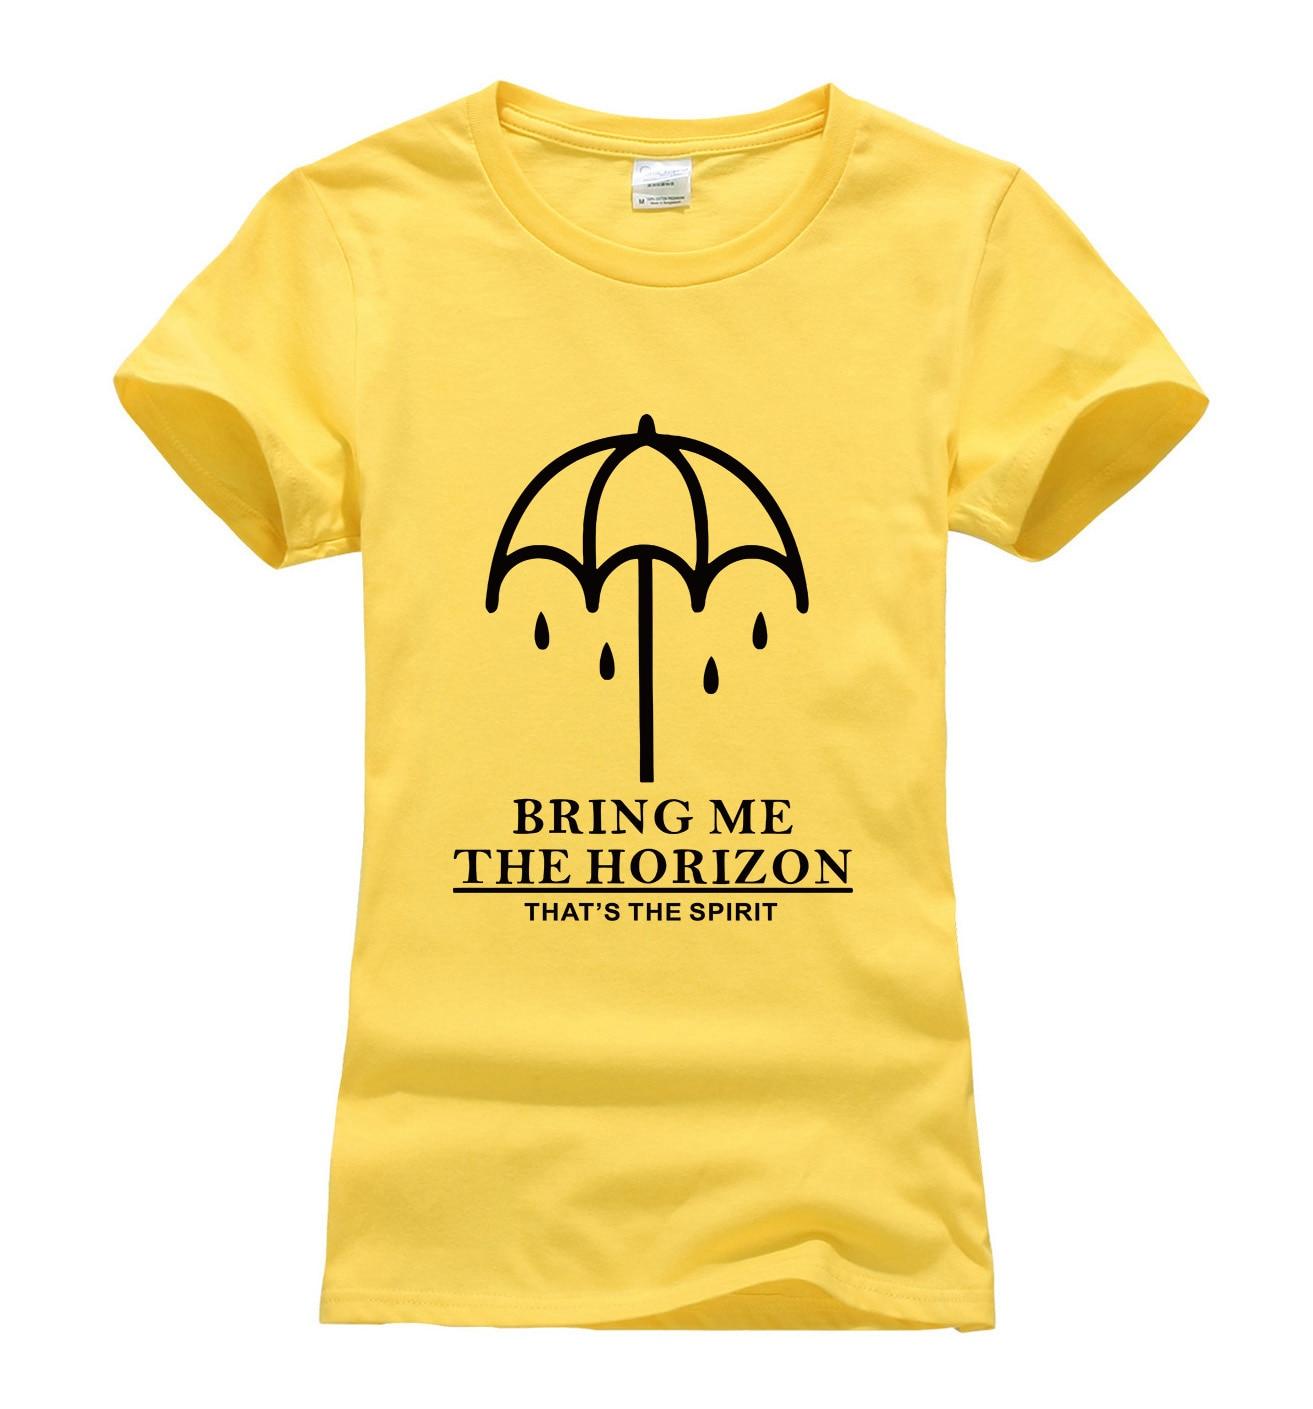 BRING ME THE HORIZON печати женщины футболка 2017 летняя мода harajuku бренд корейский футболка femme смешно панк битник черный топы